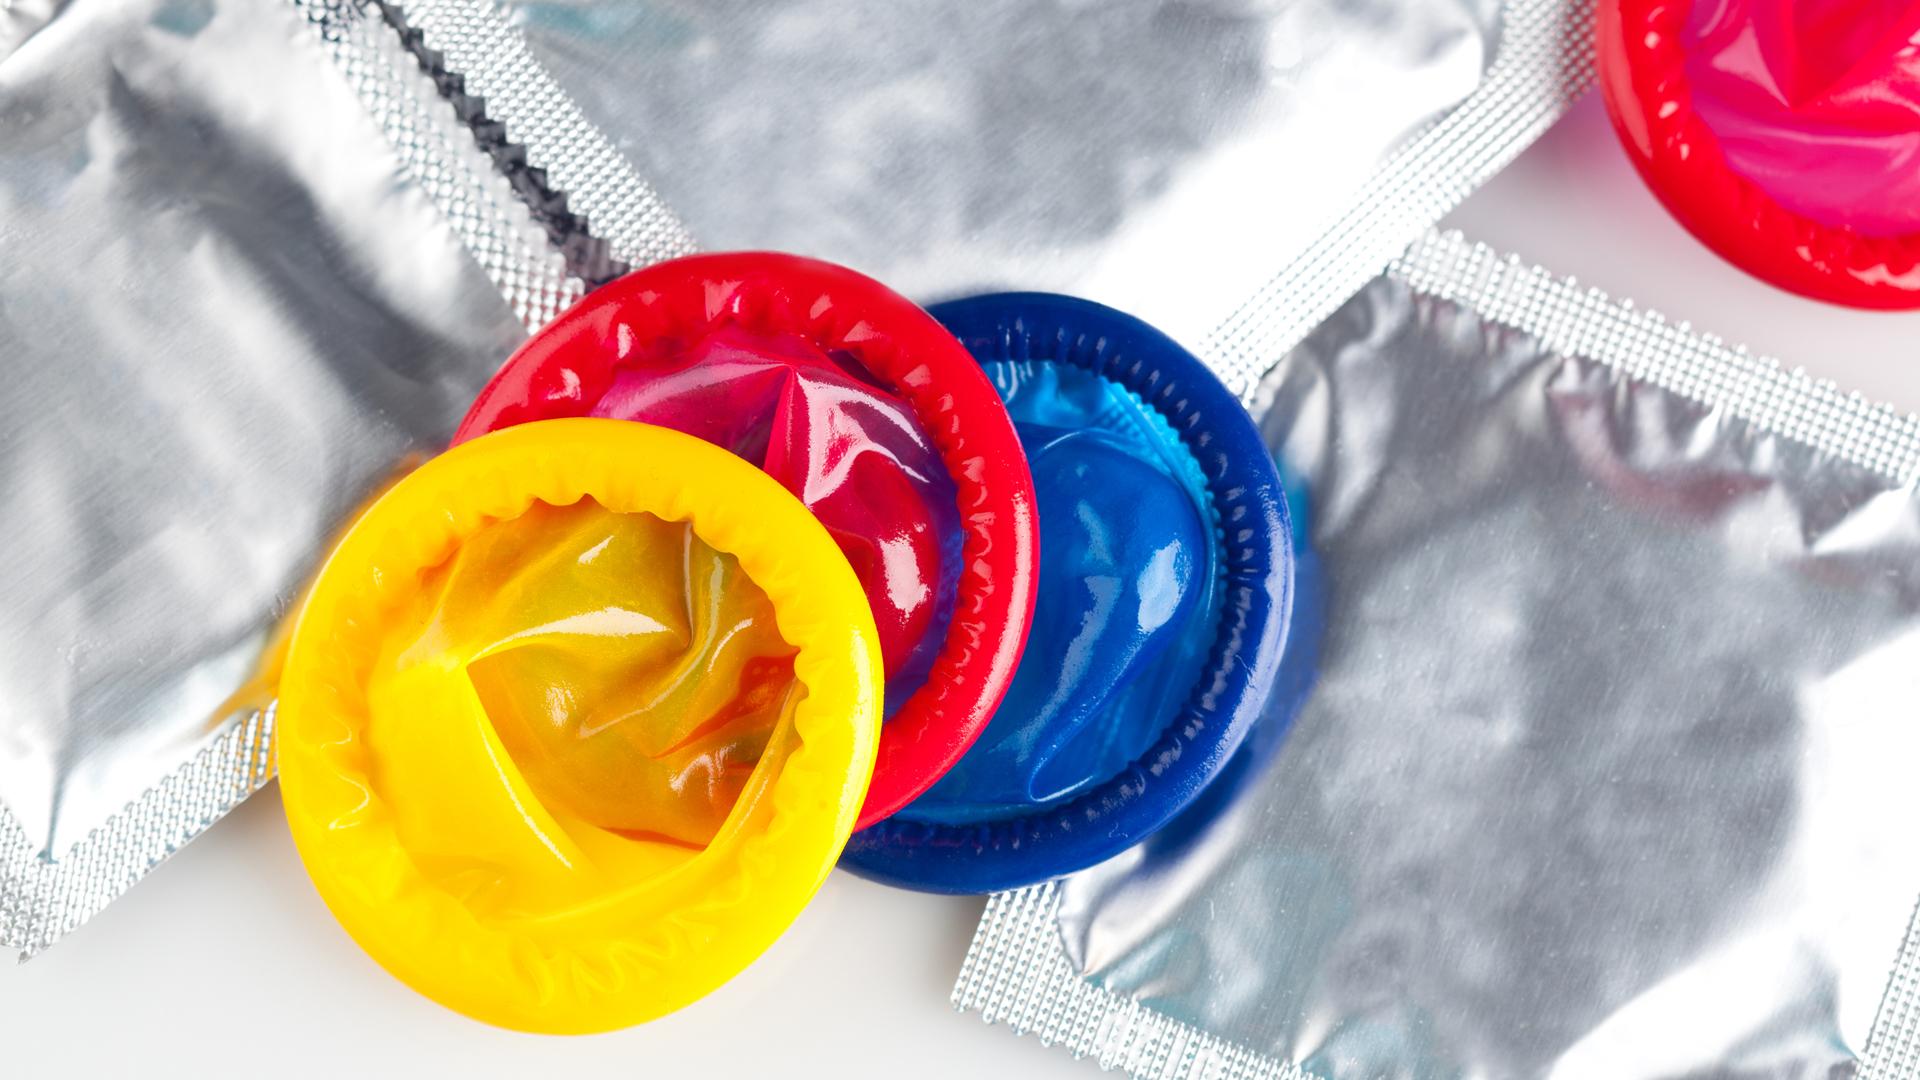 El método anticoneptivo impide que el espermatozoide entre al óvulo (iStock)